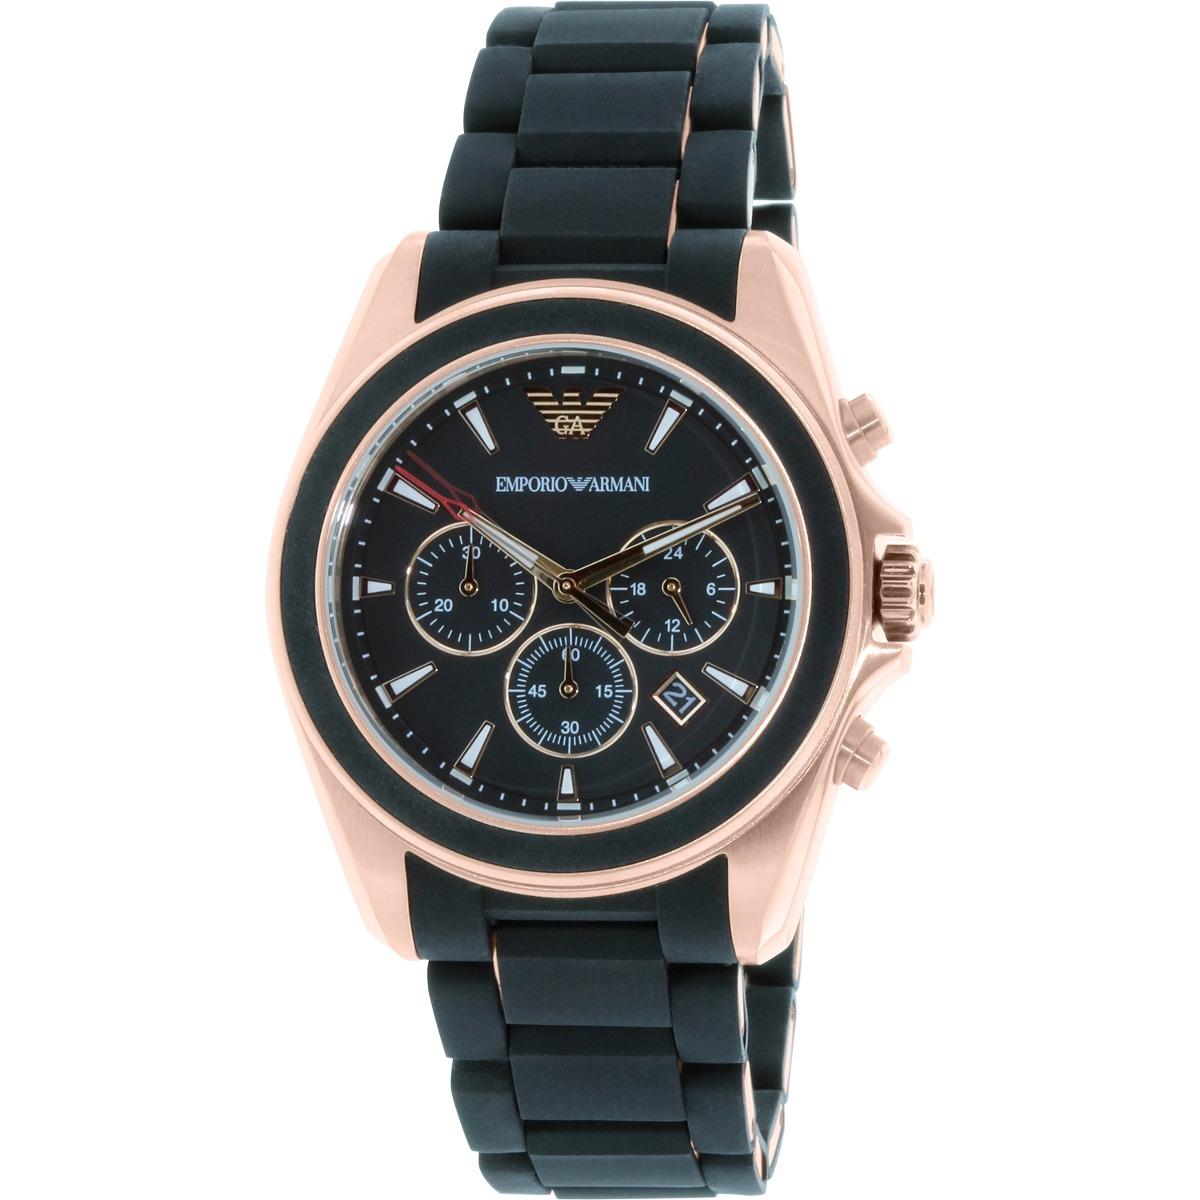 d8f2bf0840b5 Reloj Emporio Armani Para Hombre Ar6066 Con Correa De -   1.233.550 ...